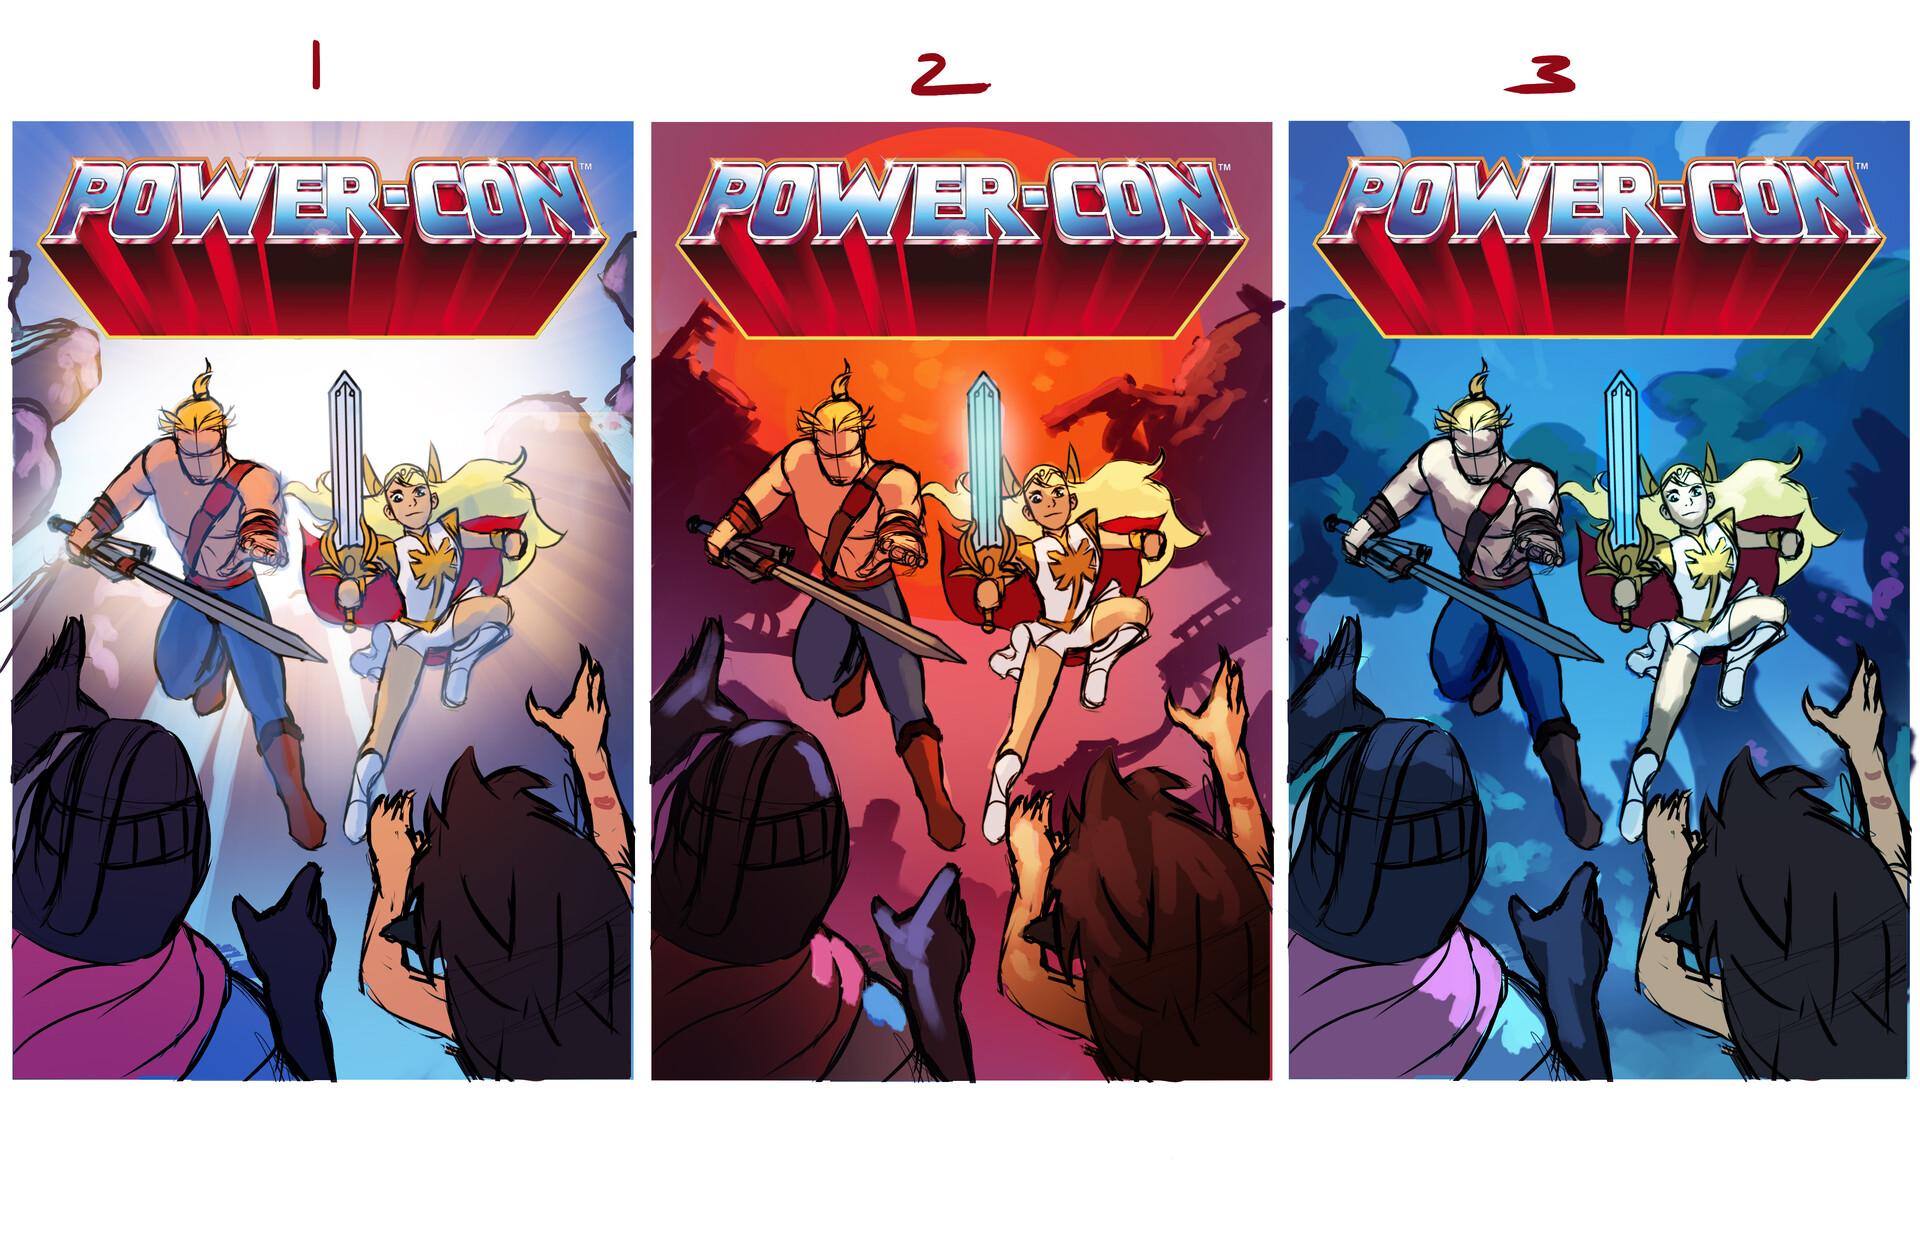 Tony washington powercon cover samples